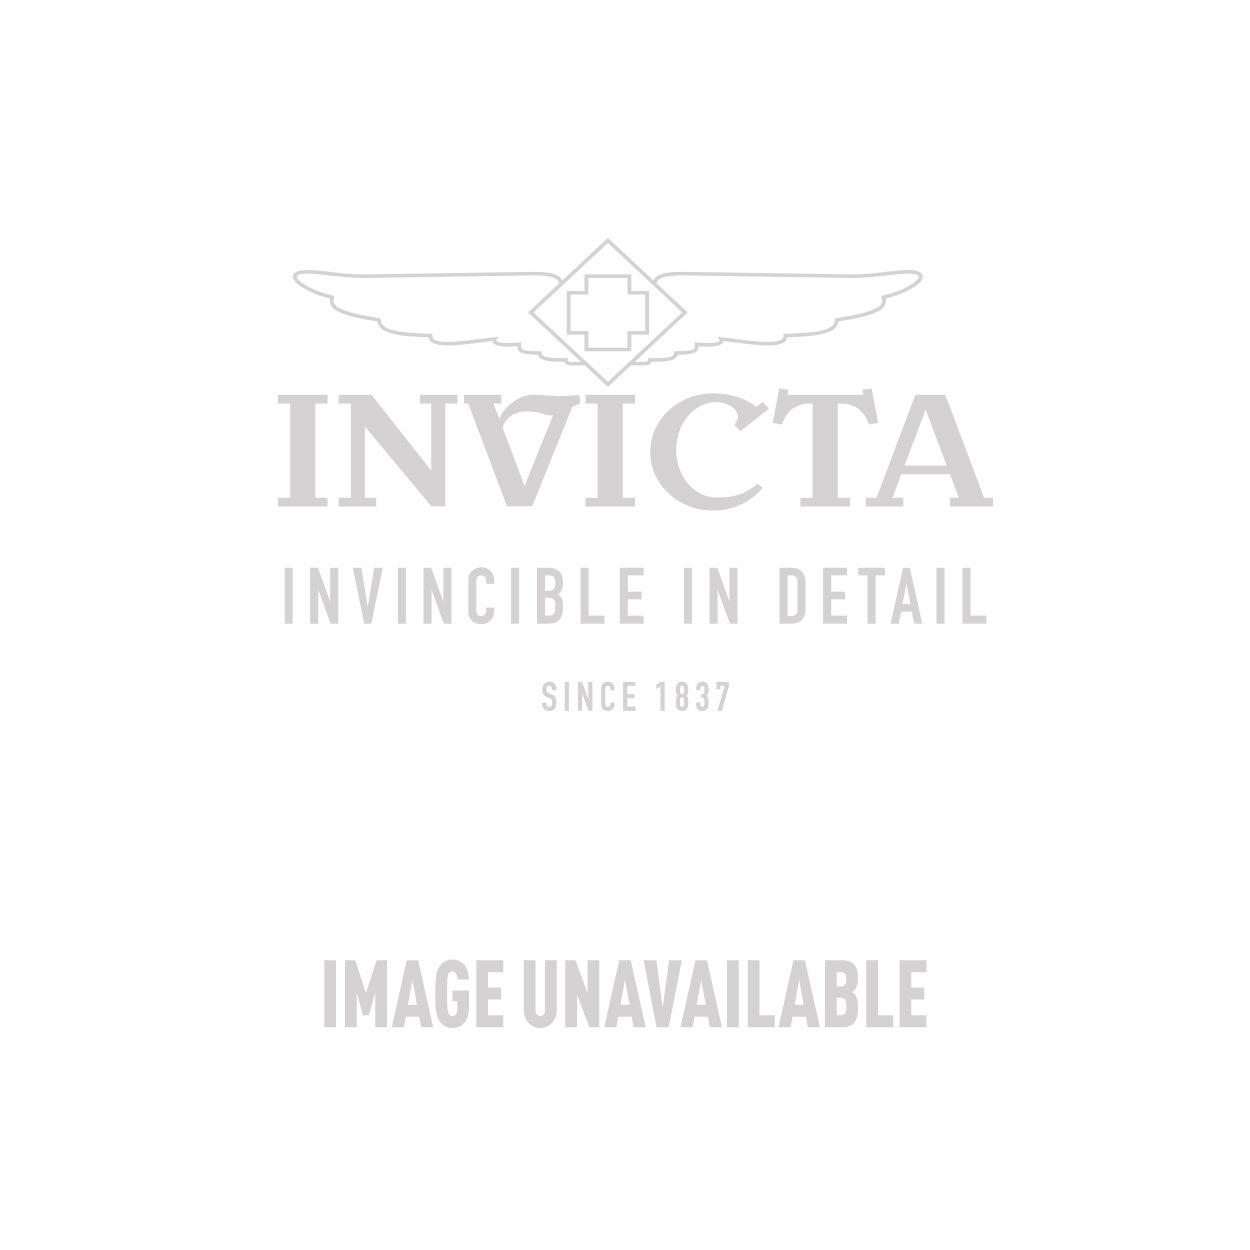 Invicta Model 22054